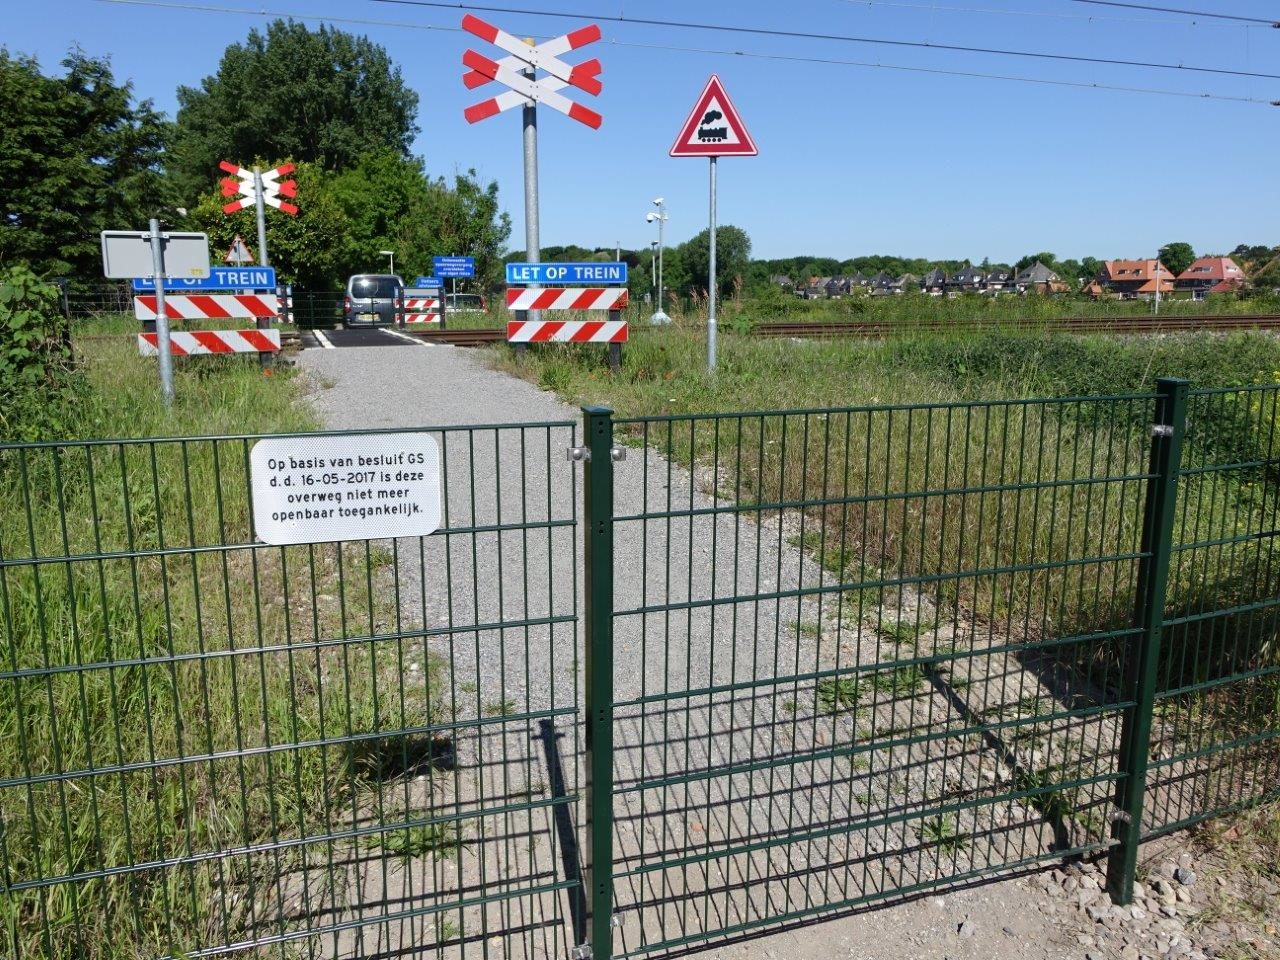 Alverna-07-05-25g-klaphek-met-ketting-vervangen-door-vast-hek